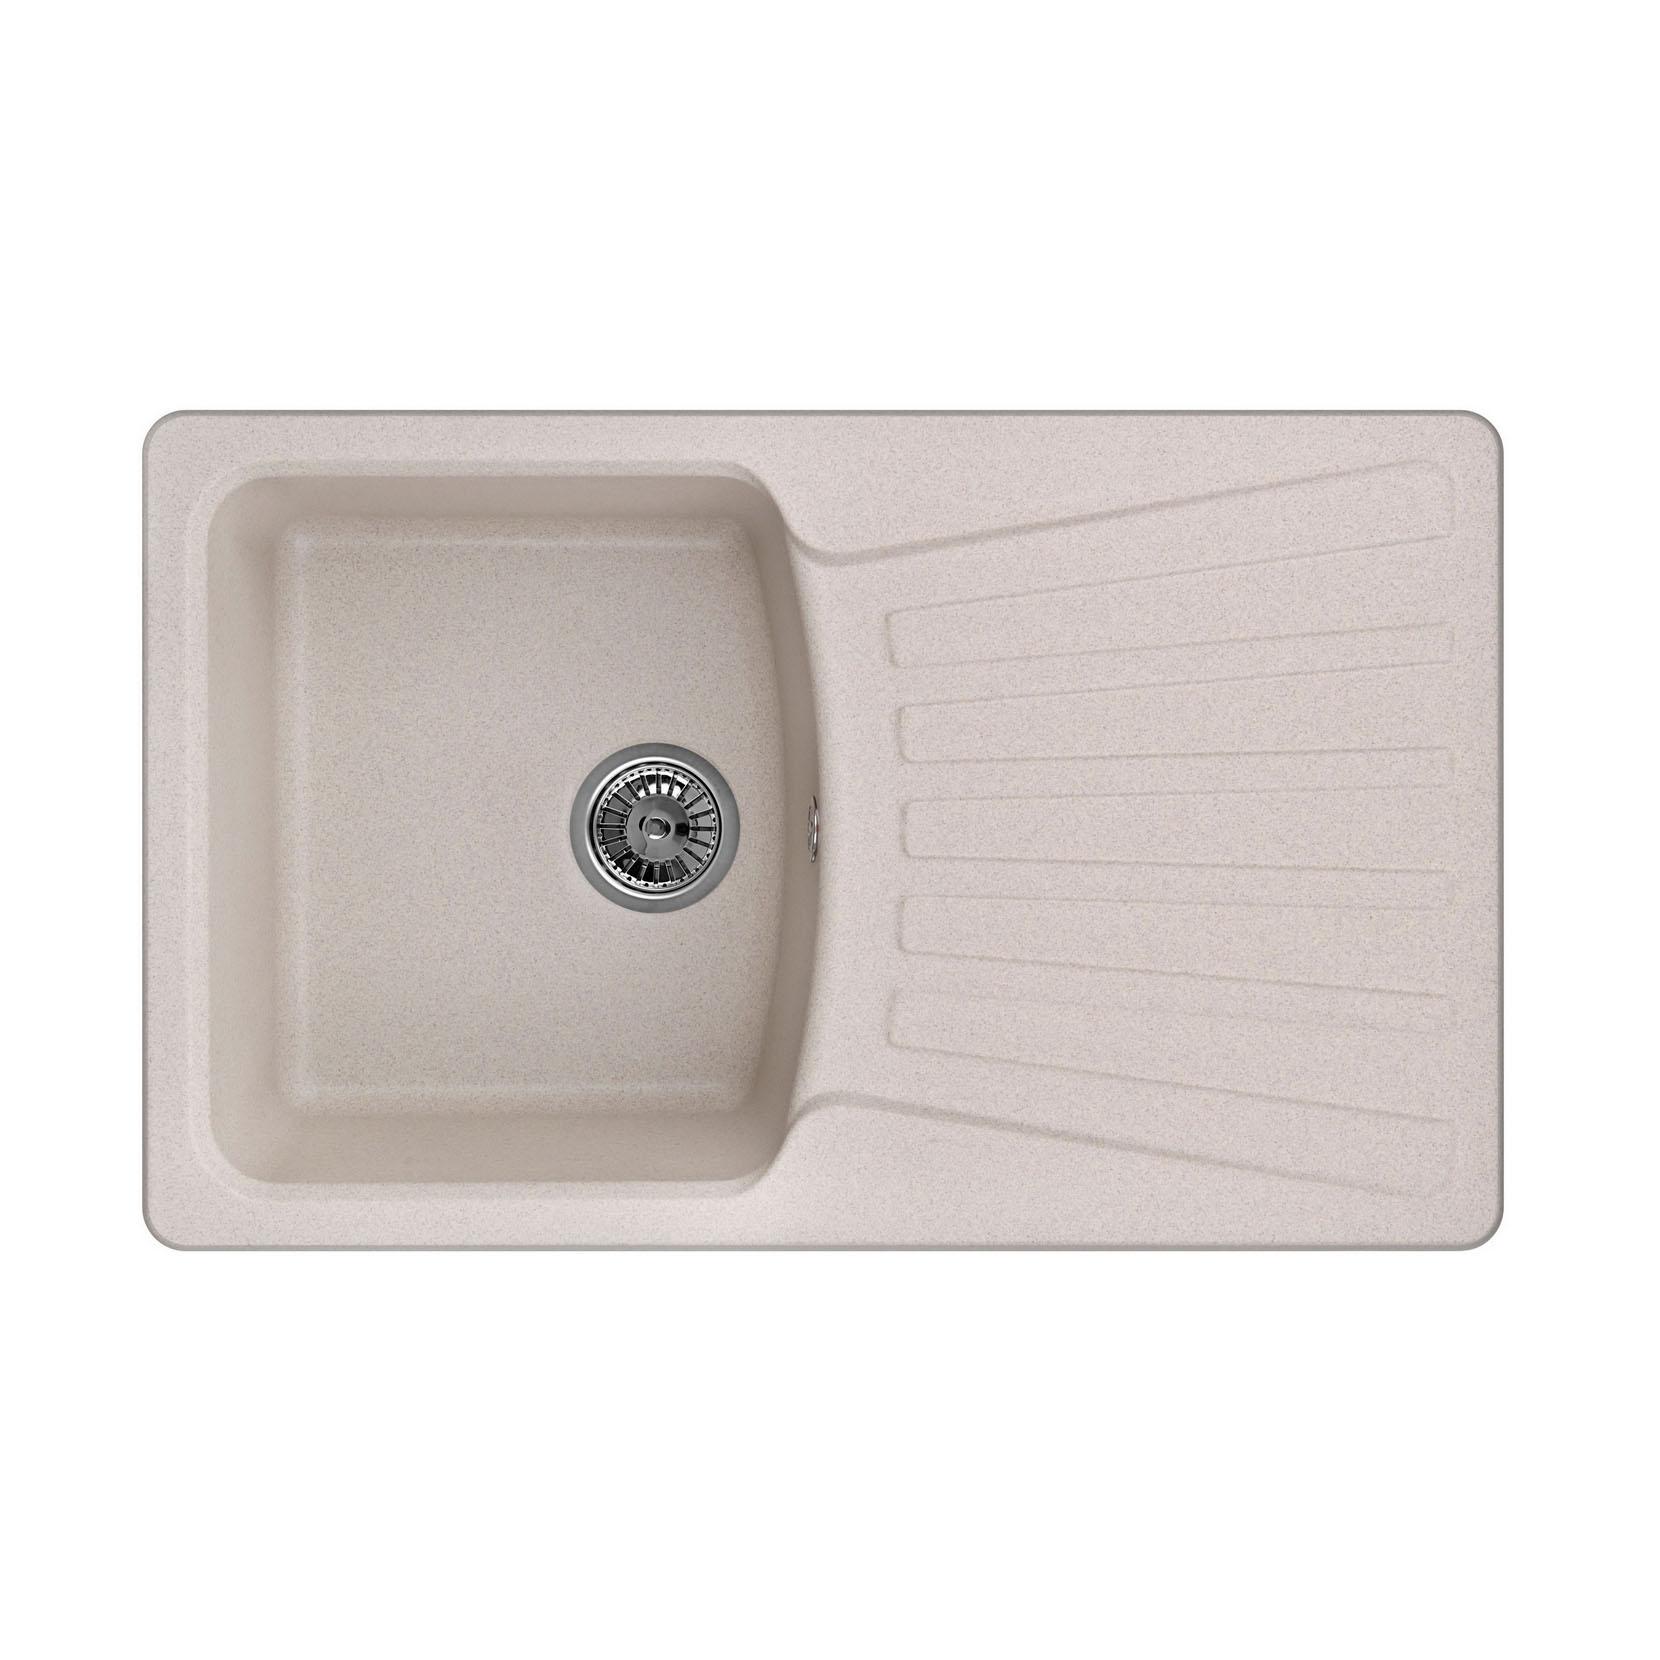 Кухонная мойка Granula GR-8001 790х500 антик кухонная мойка granula gr 8001 790х500 брют